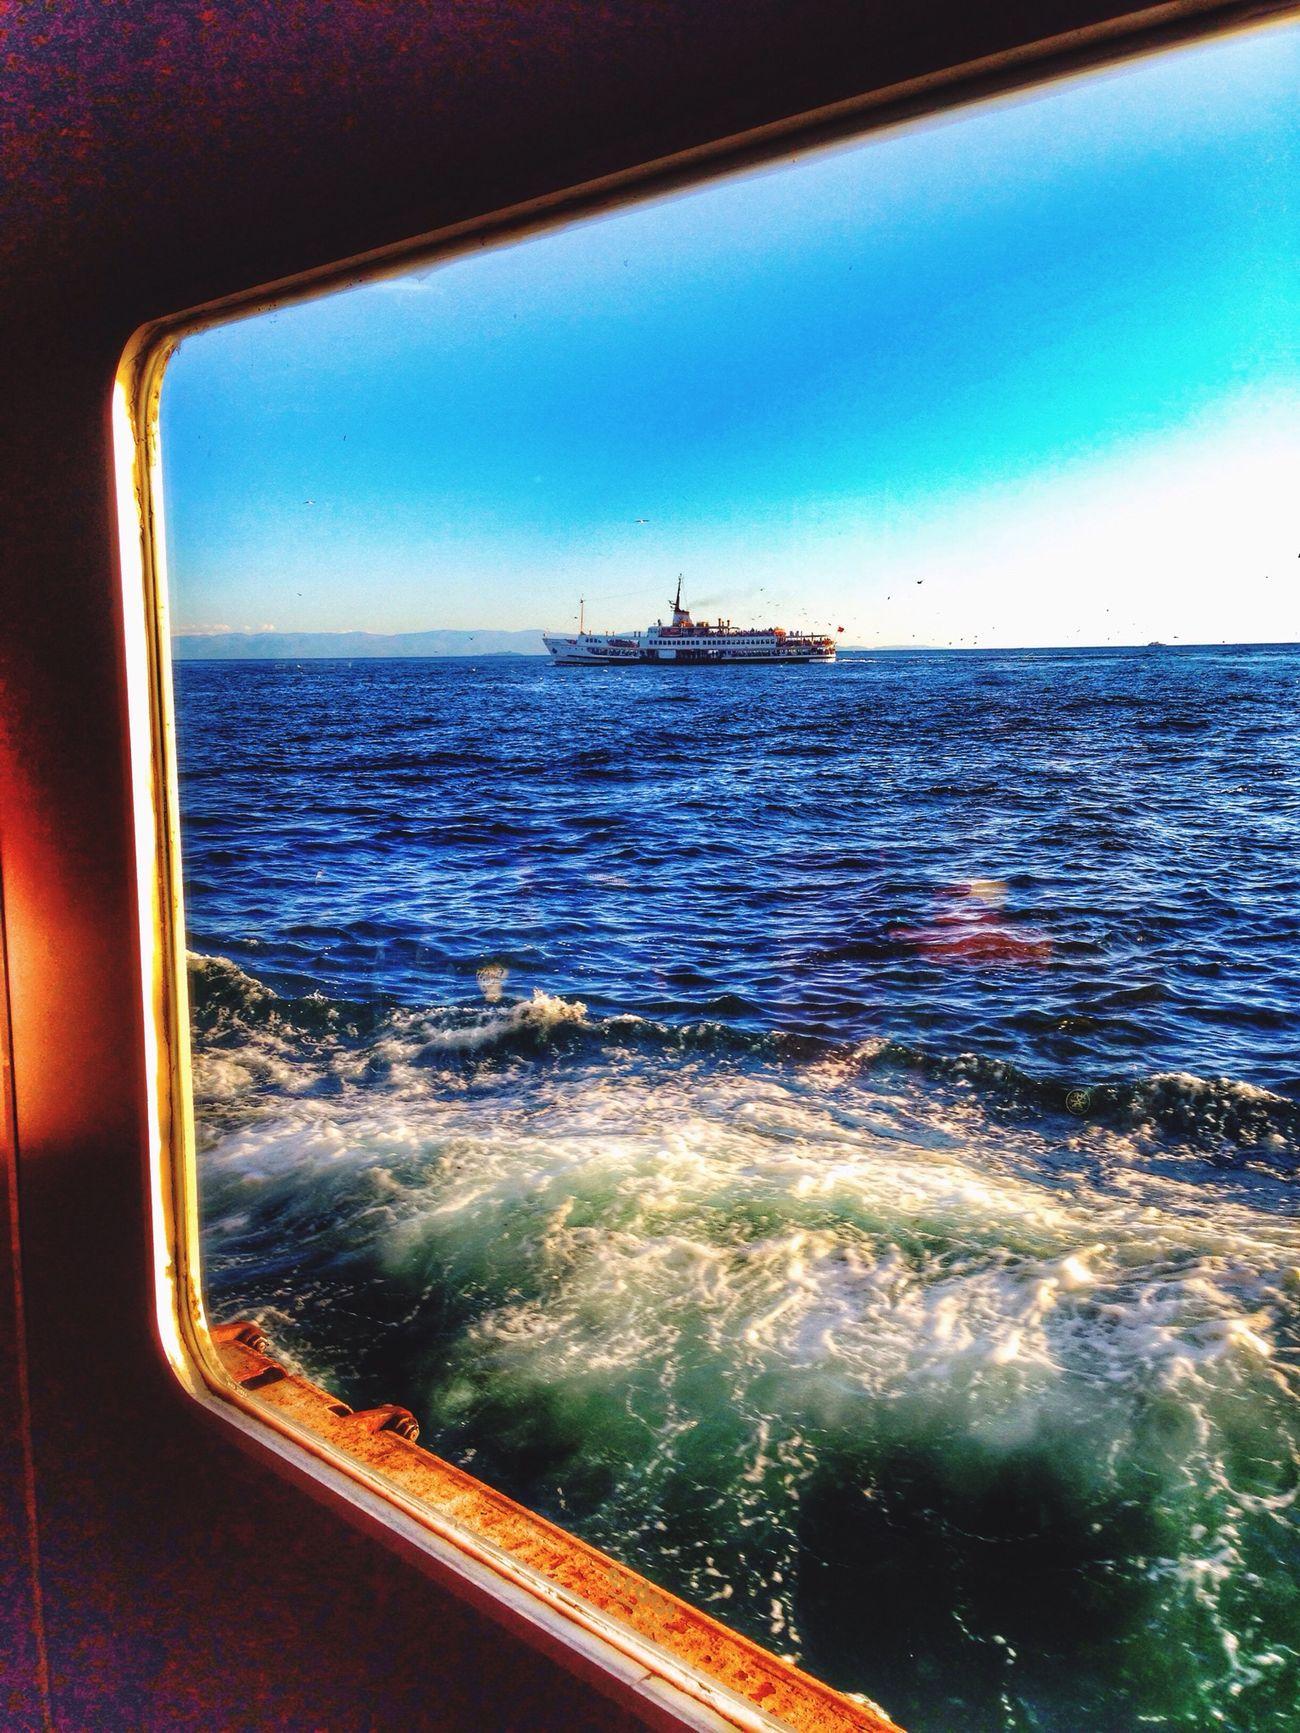 Follow my instagram: @ondergoksal Istanbul - Bosphorus